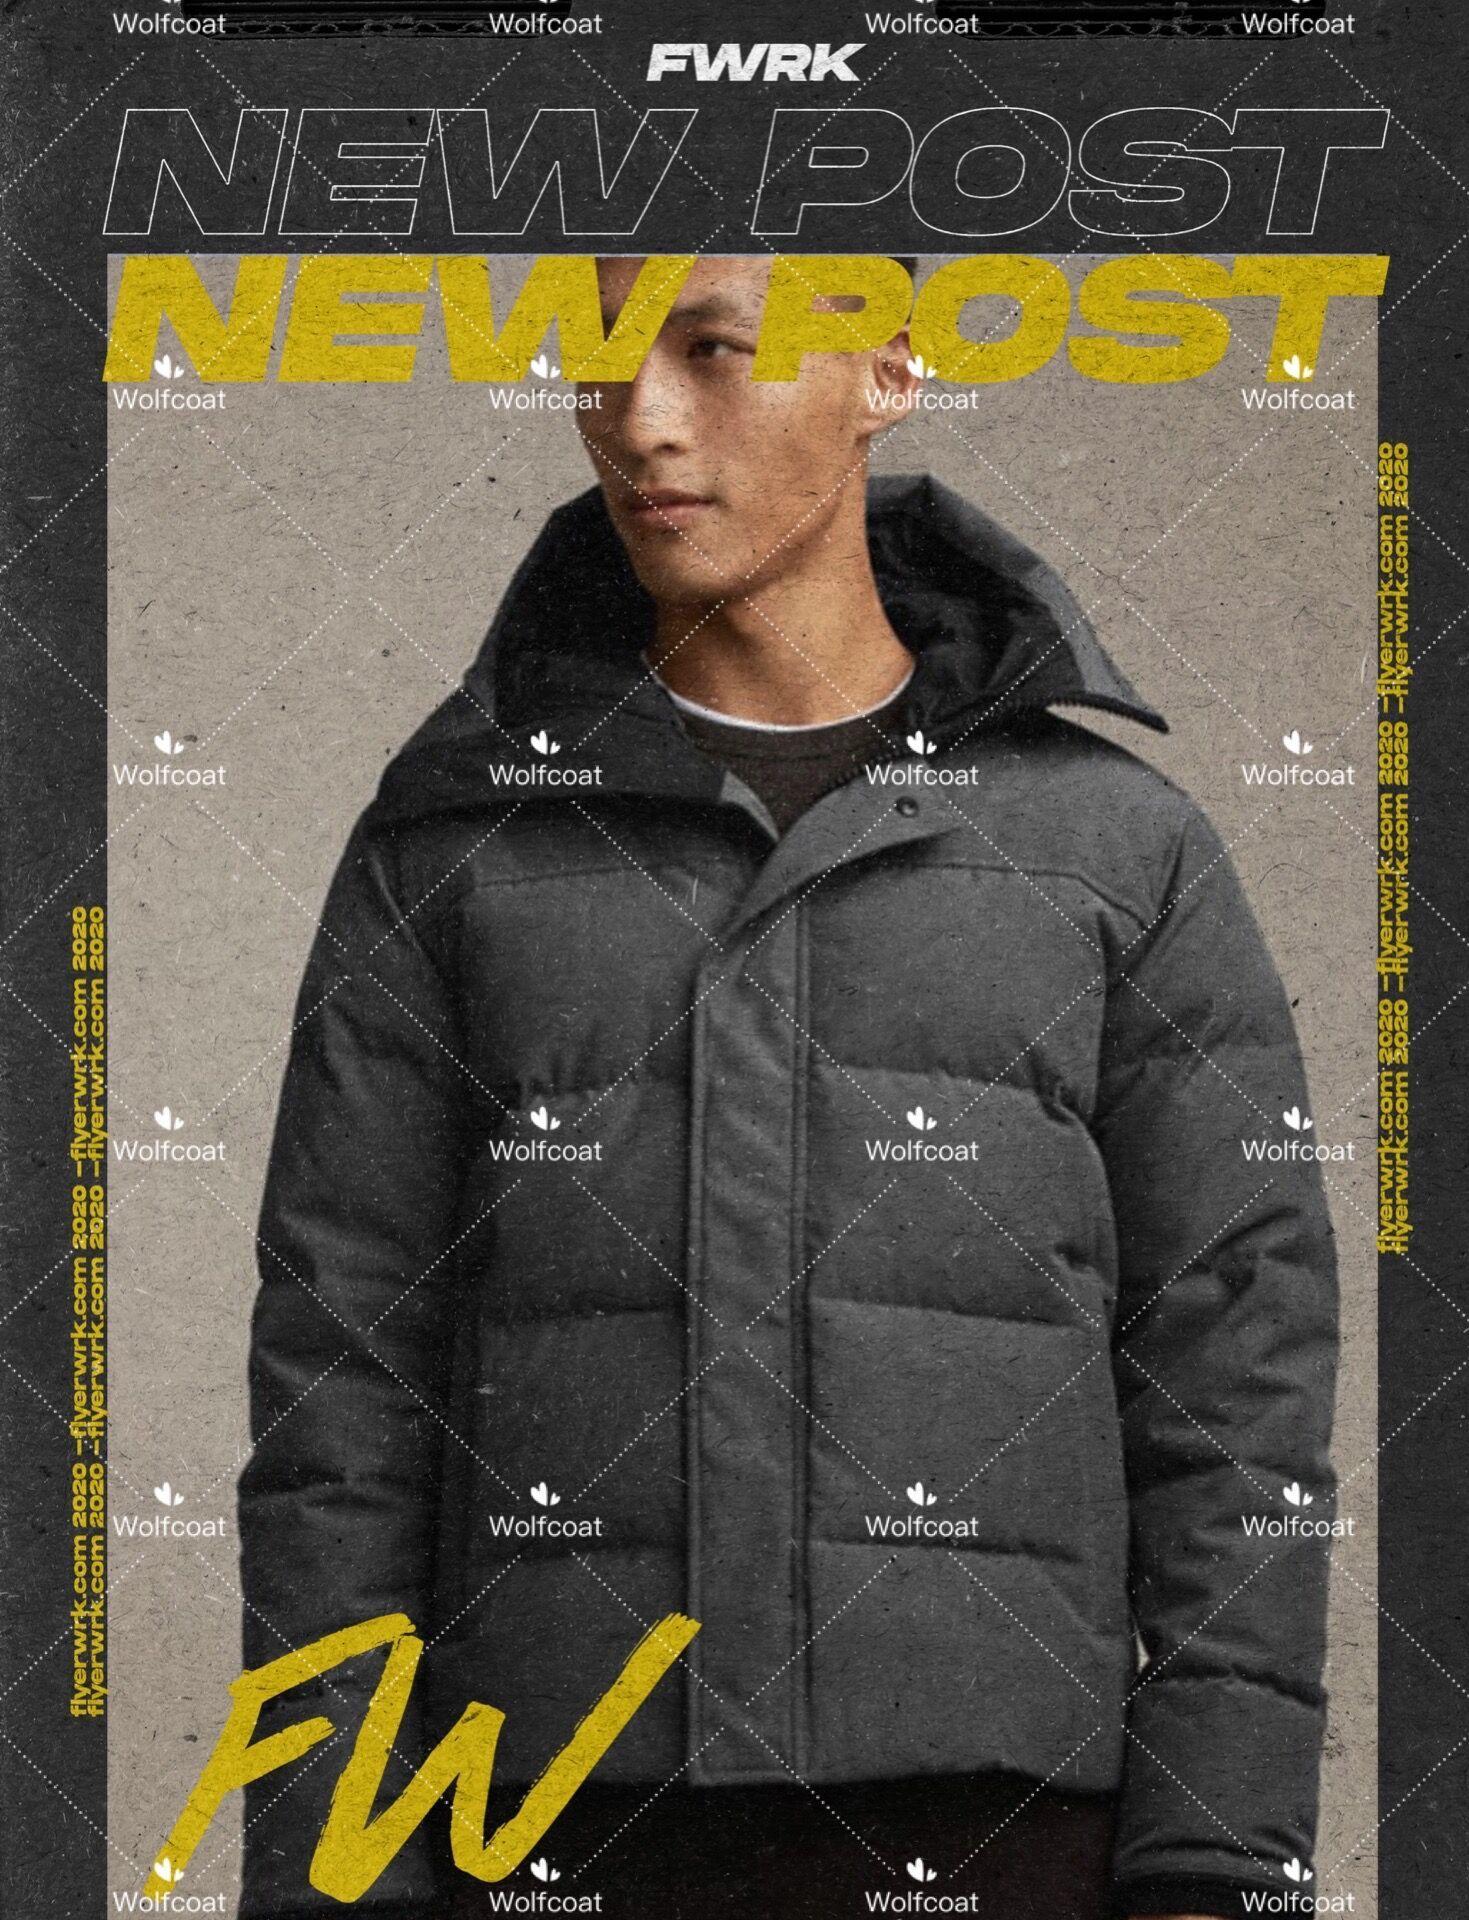 Moda Üst Marka Varış Erkek Aşağı Parka Kış Ceket Arctic Donanma Siyah Açık Ceket Hoodies Hiver Manteau Doudoune